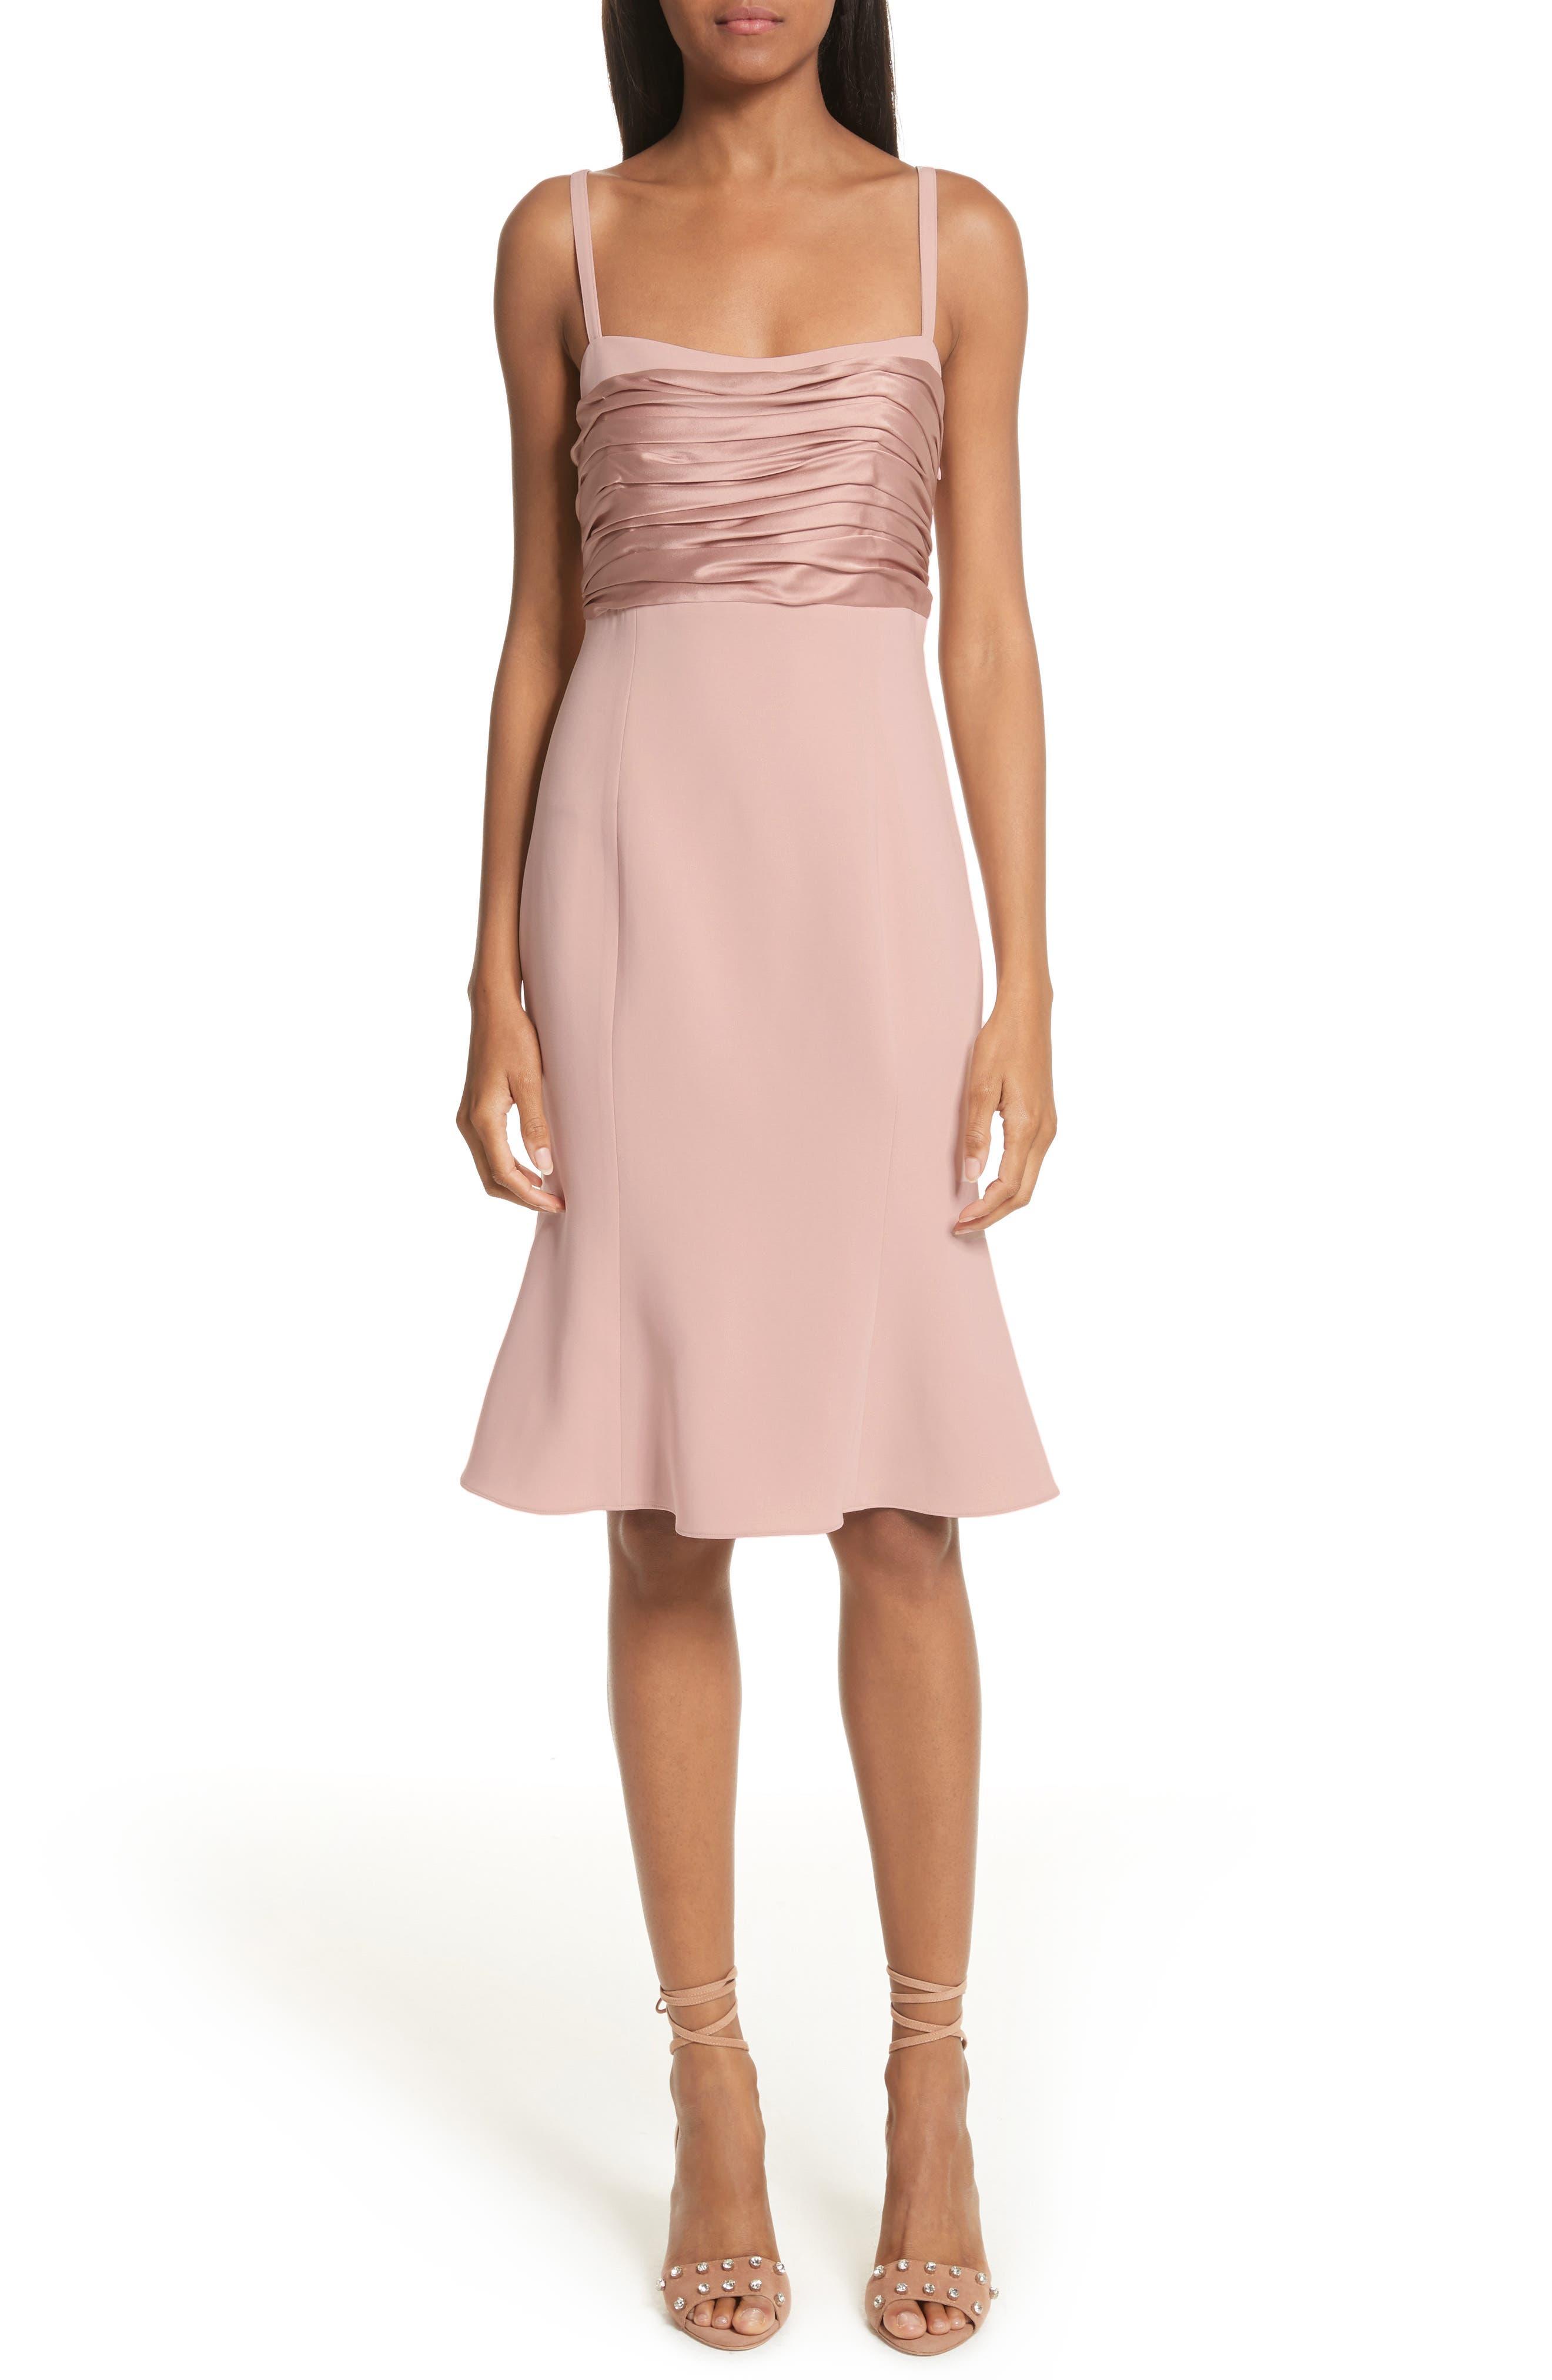 Cinq à Sept Paloma Fit & Flare Dress